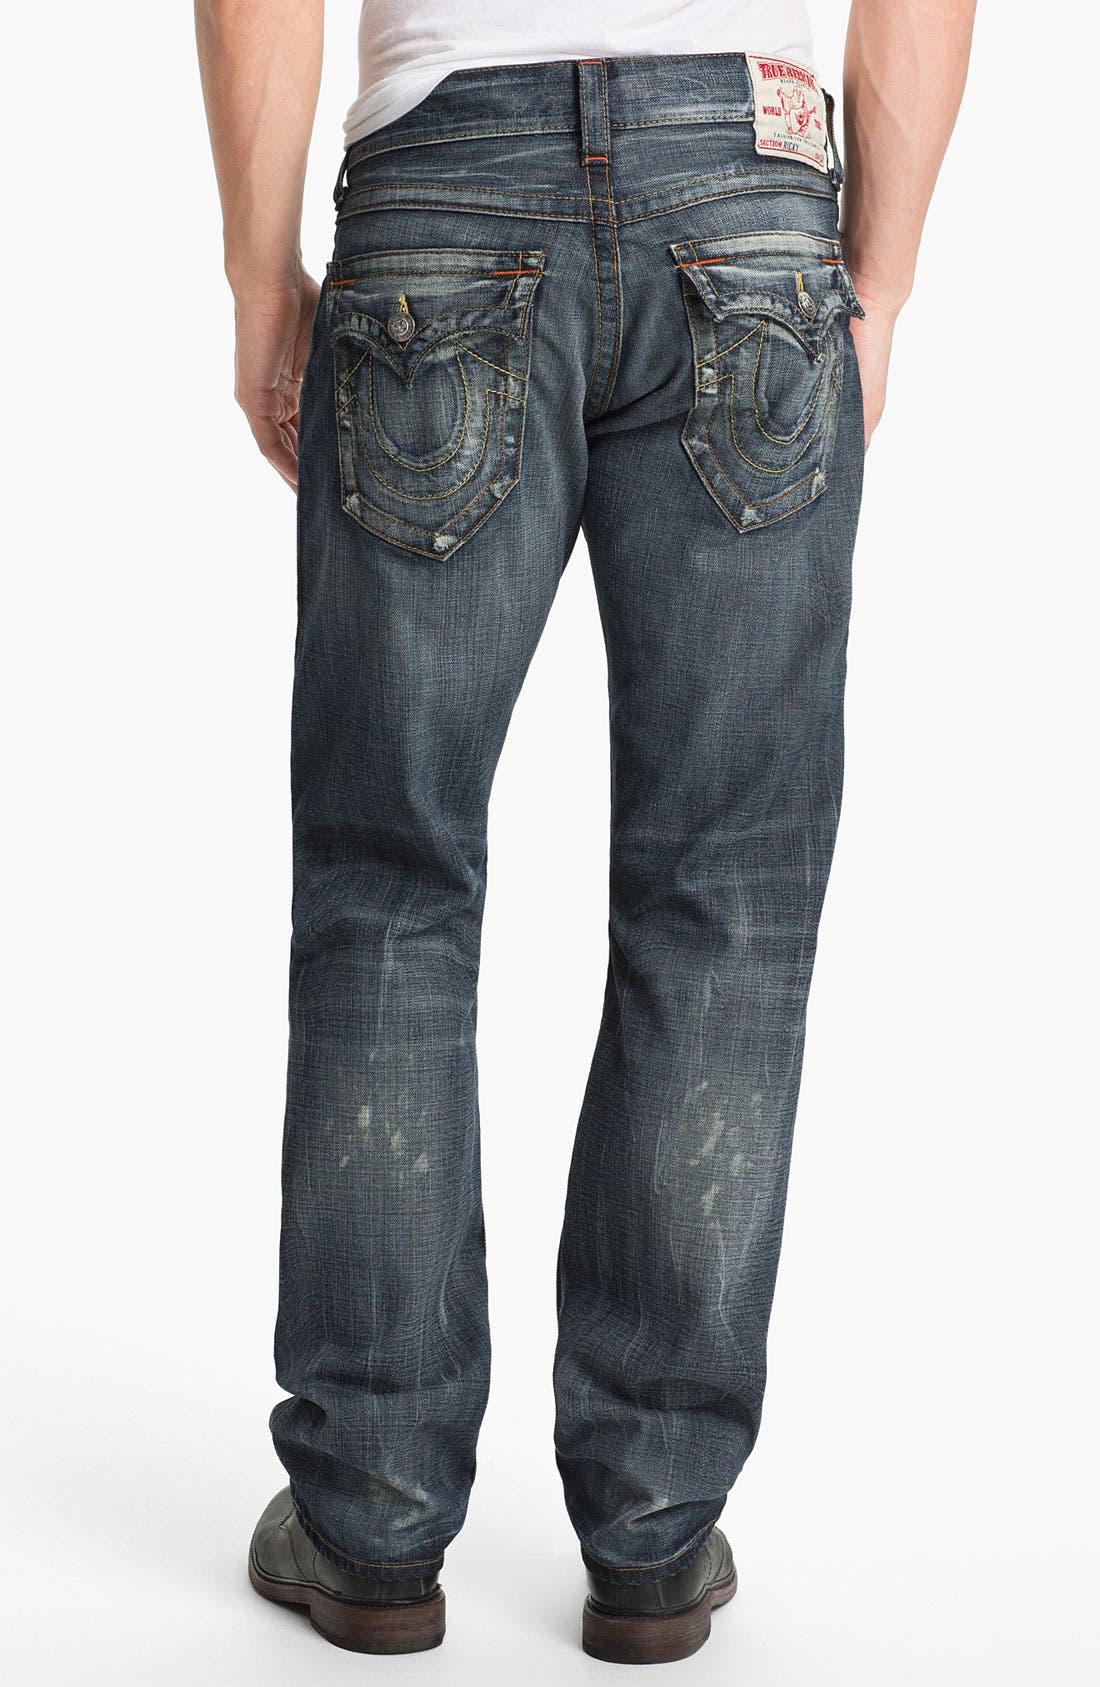 Alternate Image 1 Selected - True Religion Brand Jeans 'Ricky' Straight Leg Jeans (Granite)